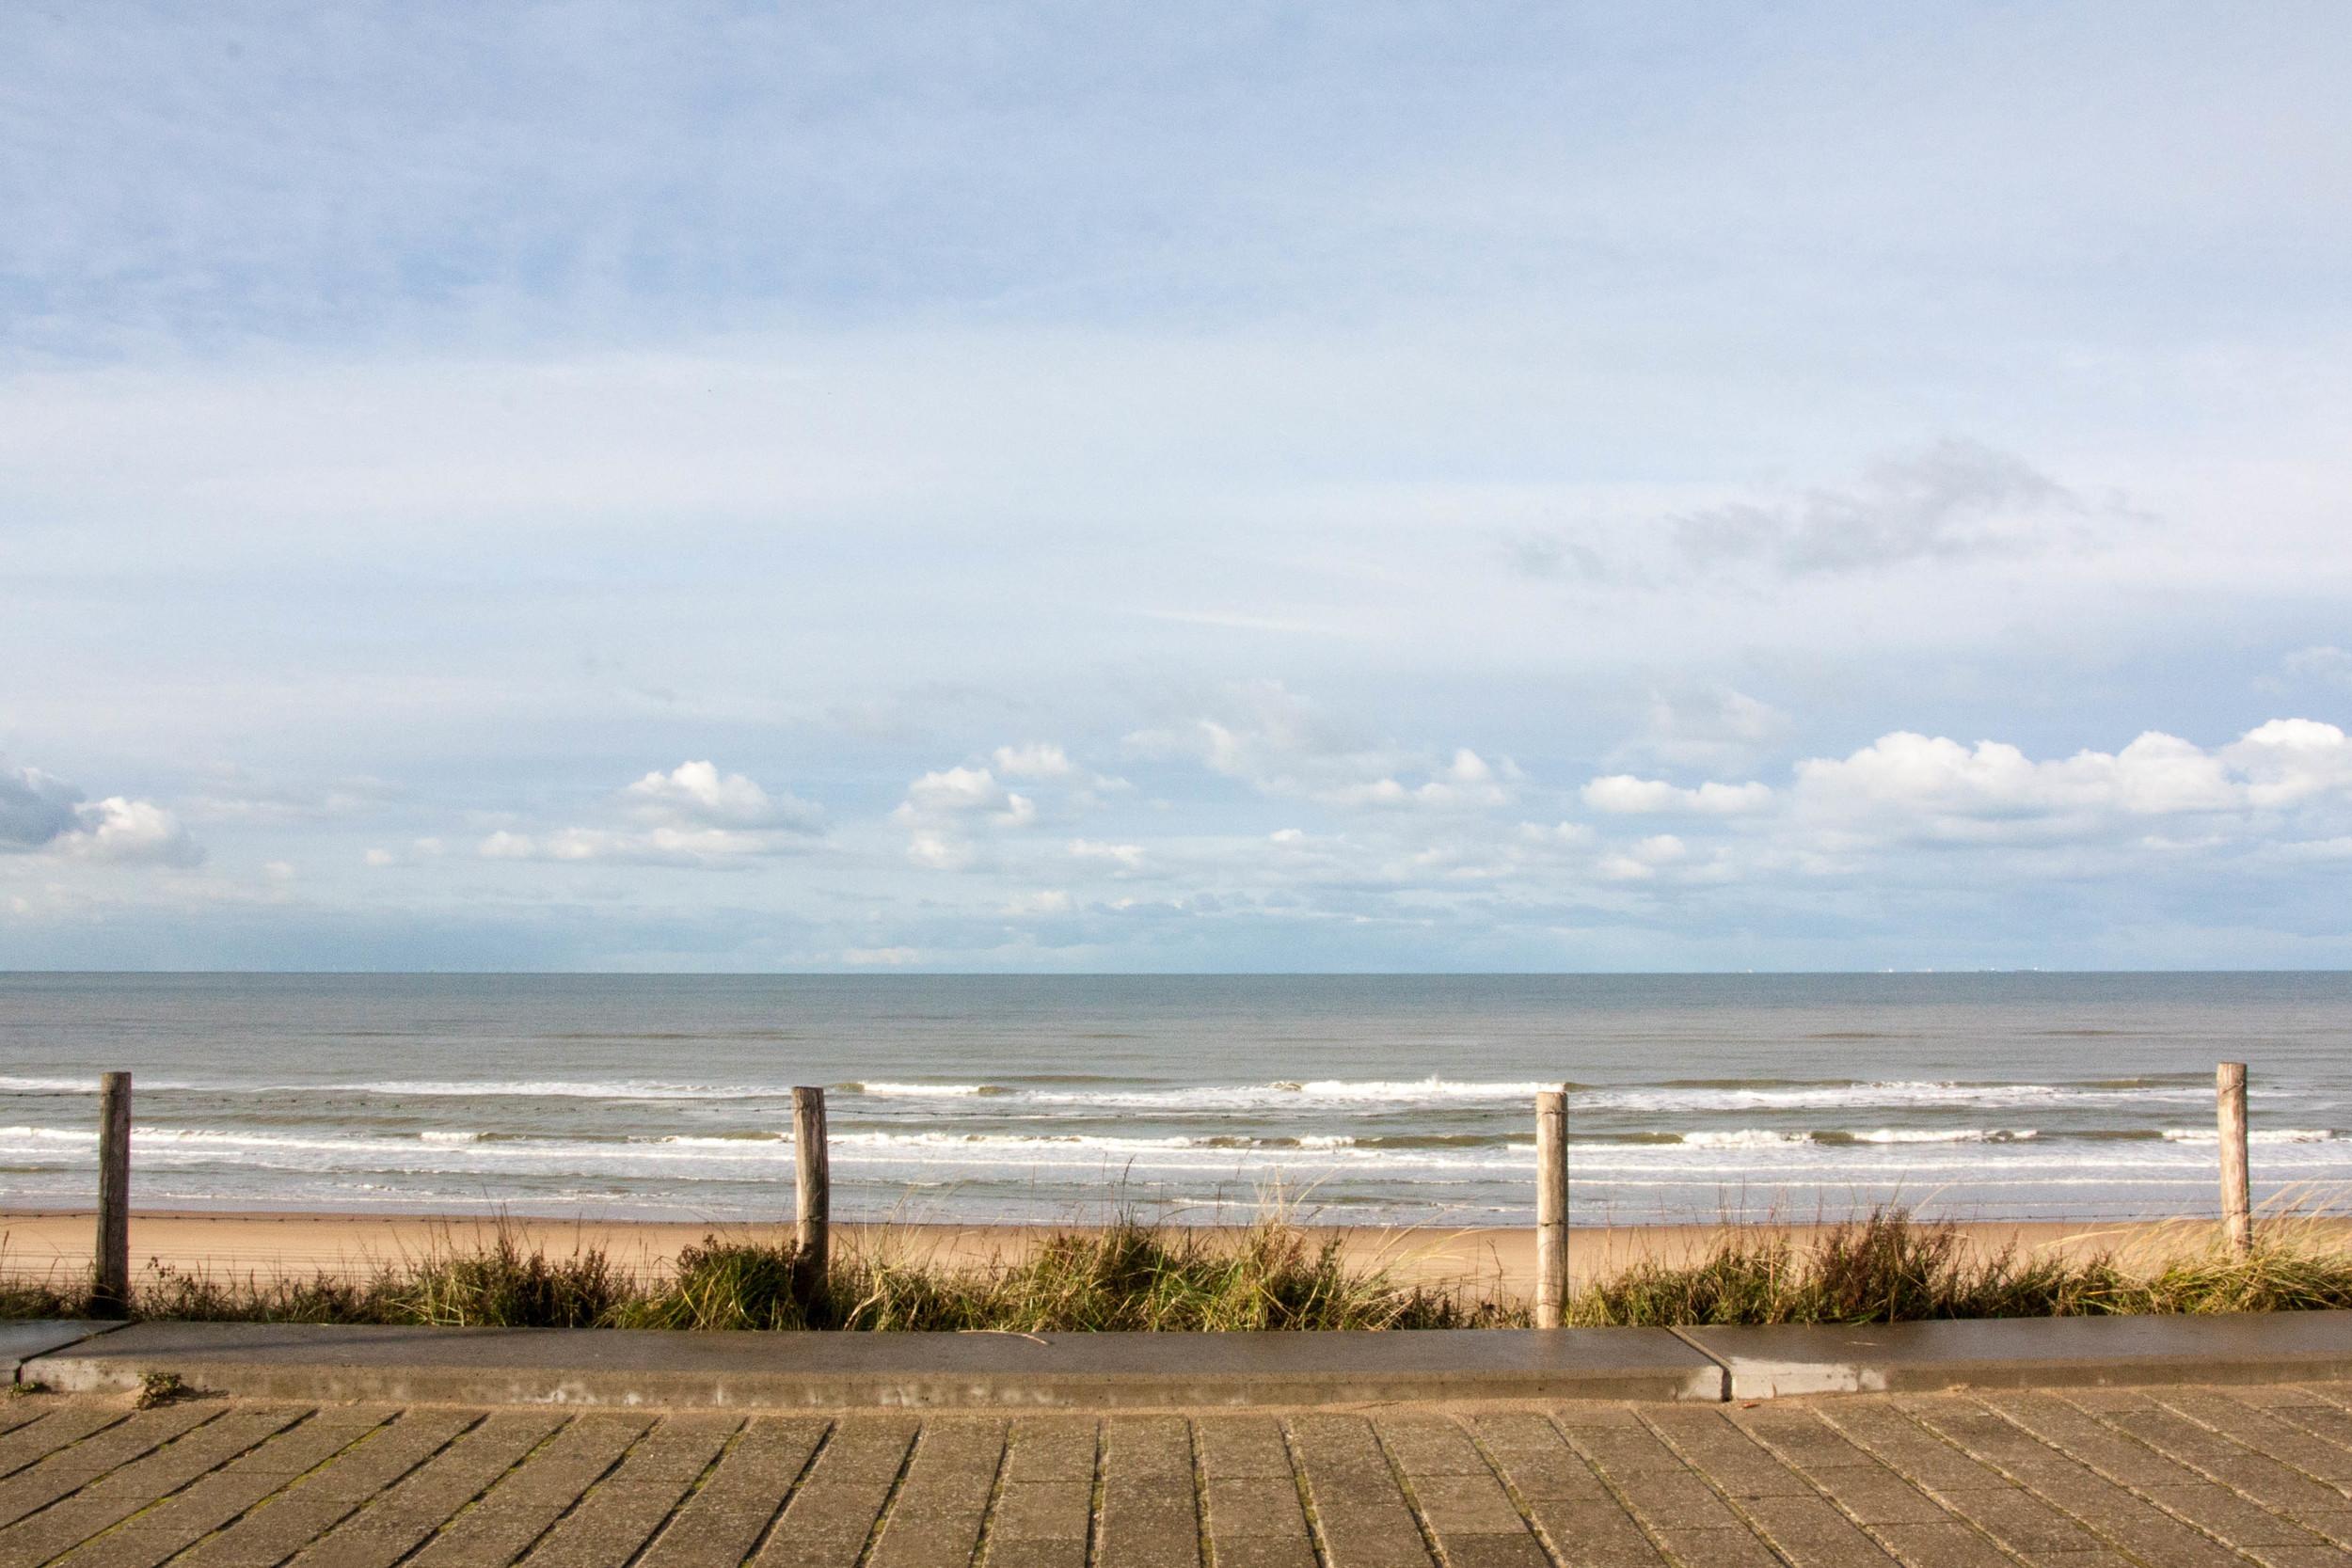 View from Bloemendaal aan Zee